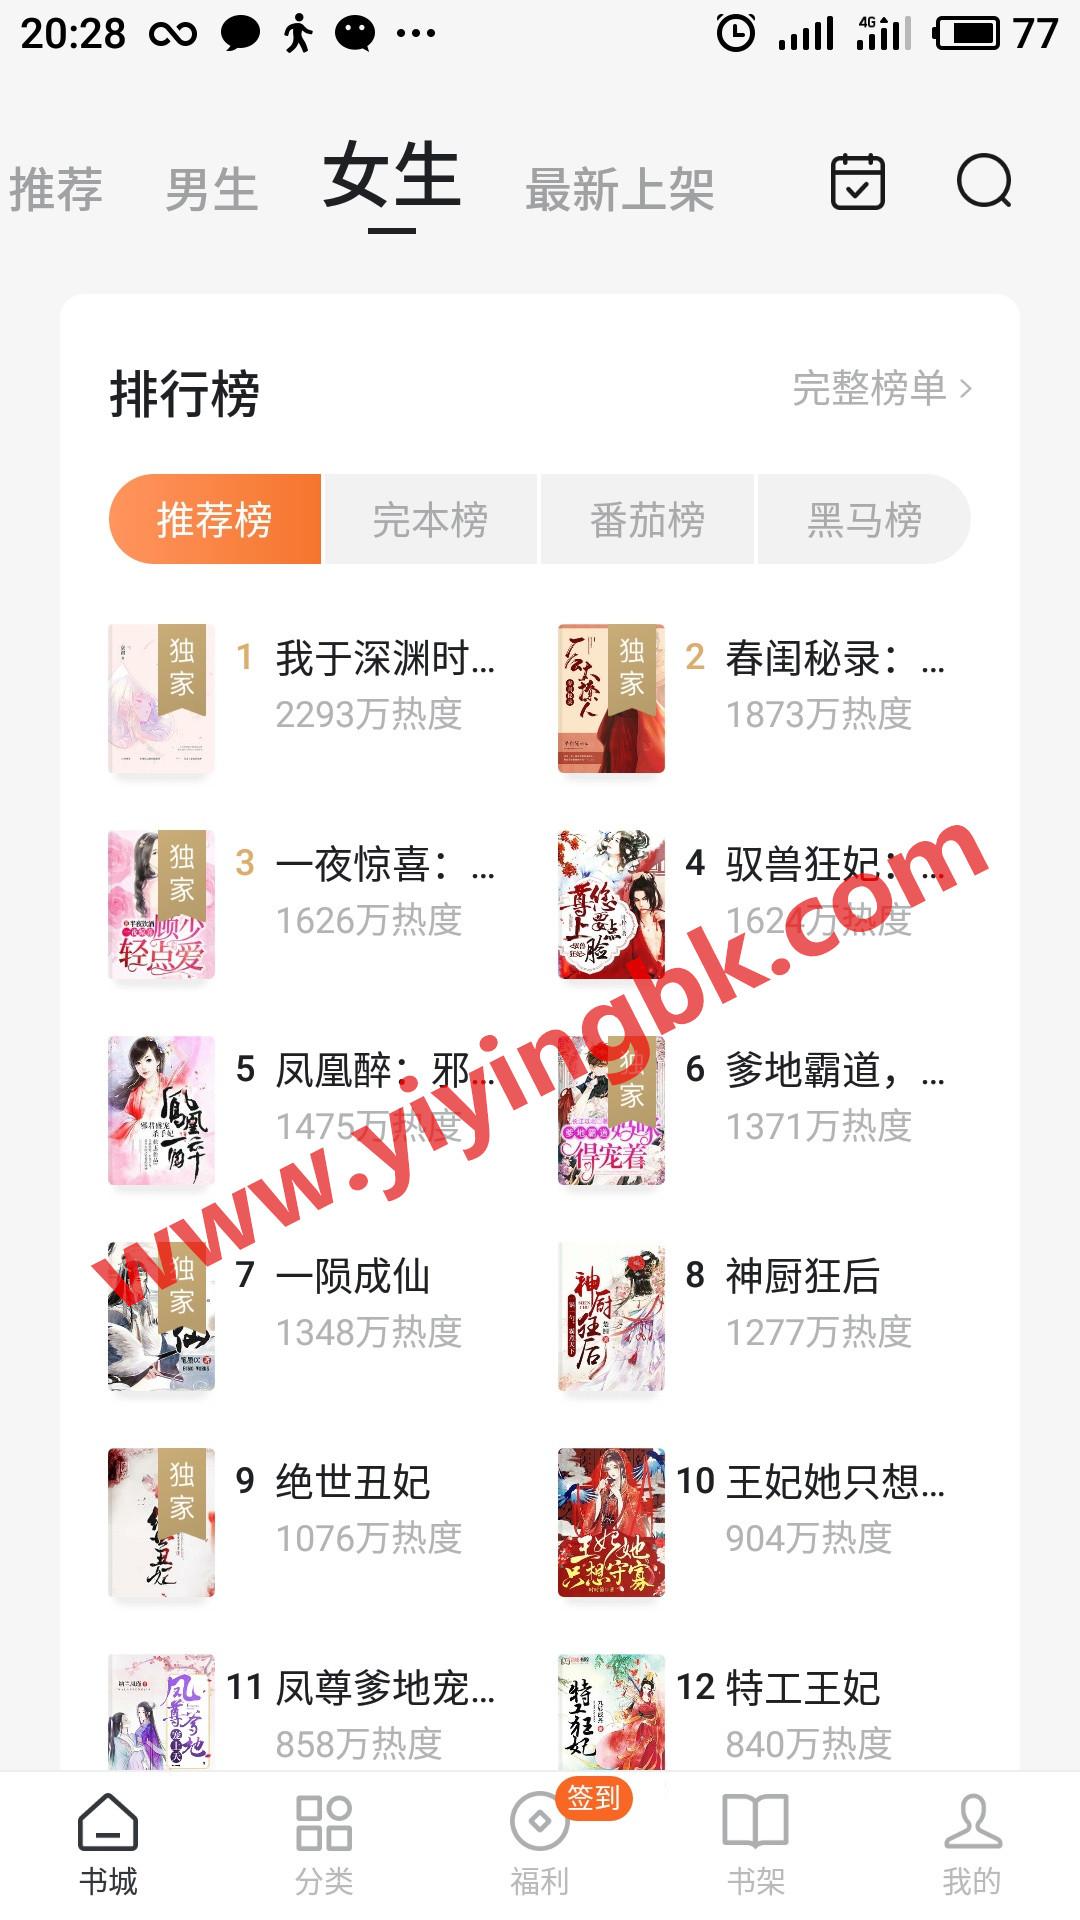 女生全免费看小说,还能领红包赚零花钱,可以直接提现微信和支付宝。www.yiyingbk.com